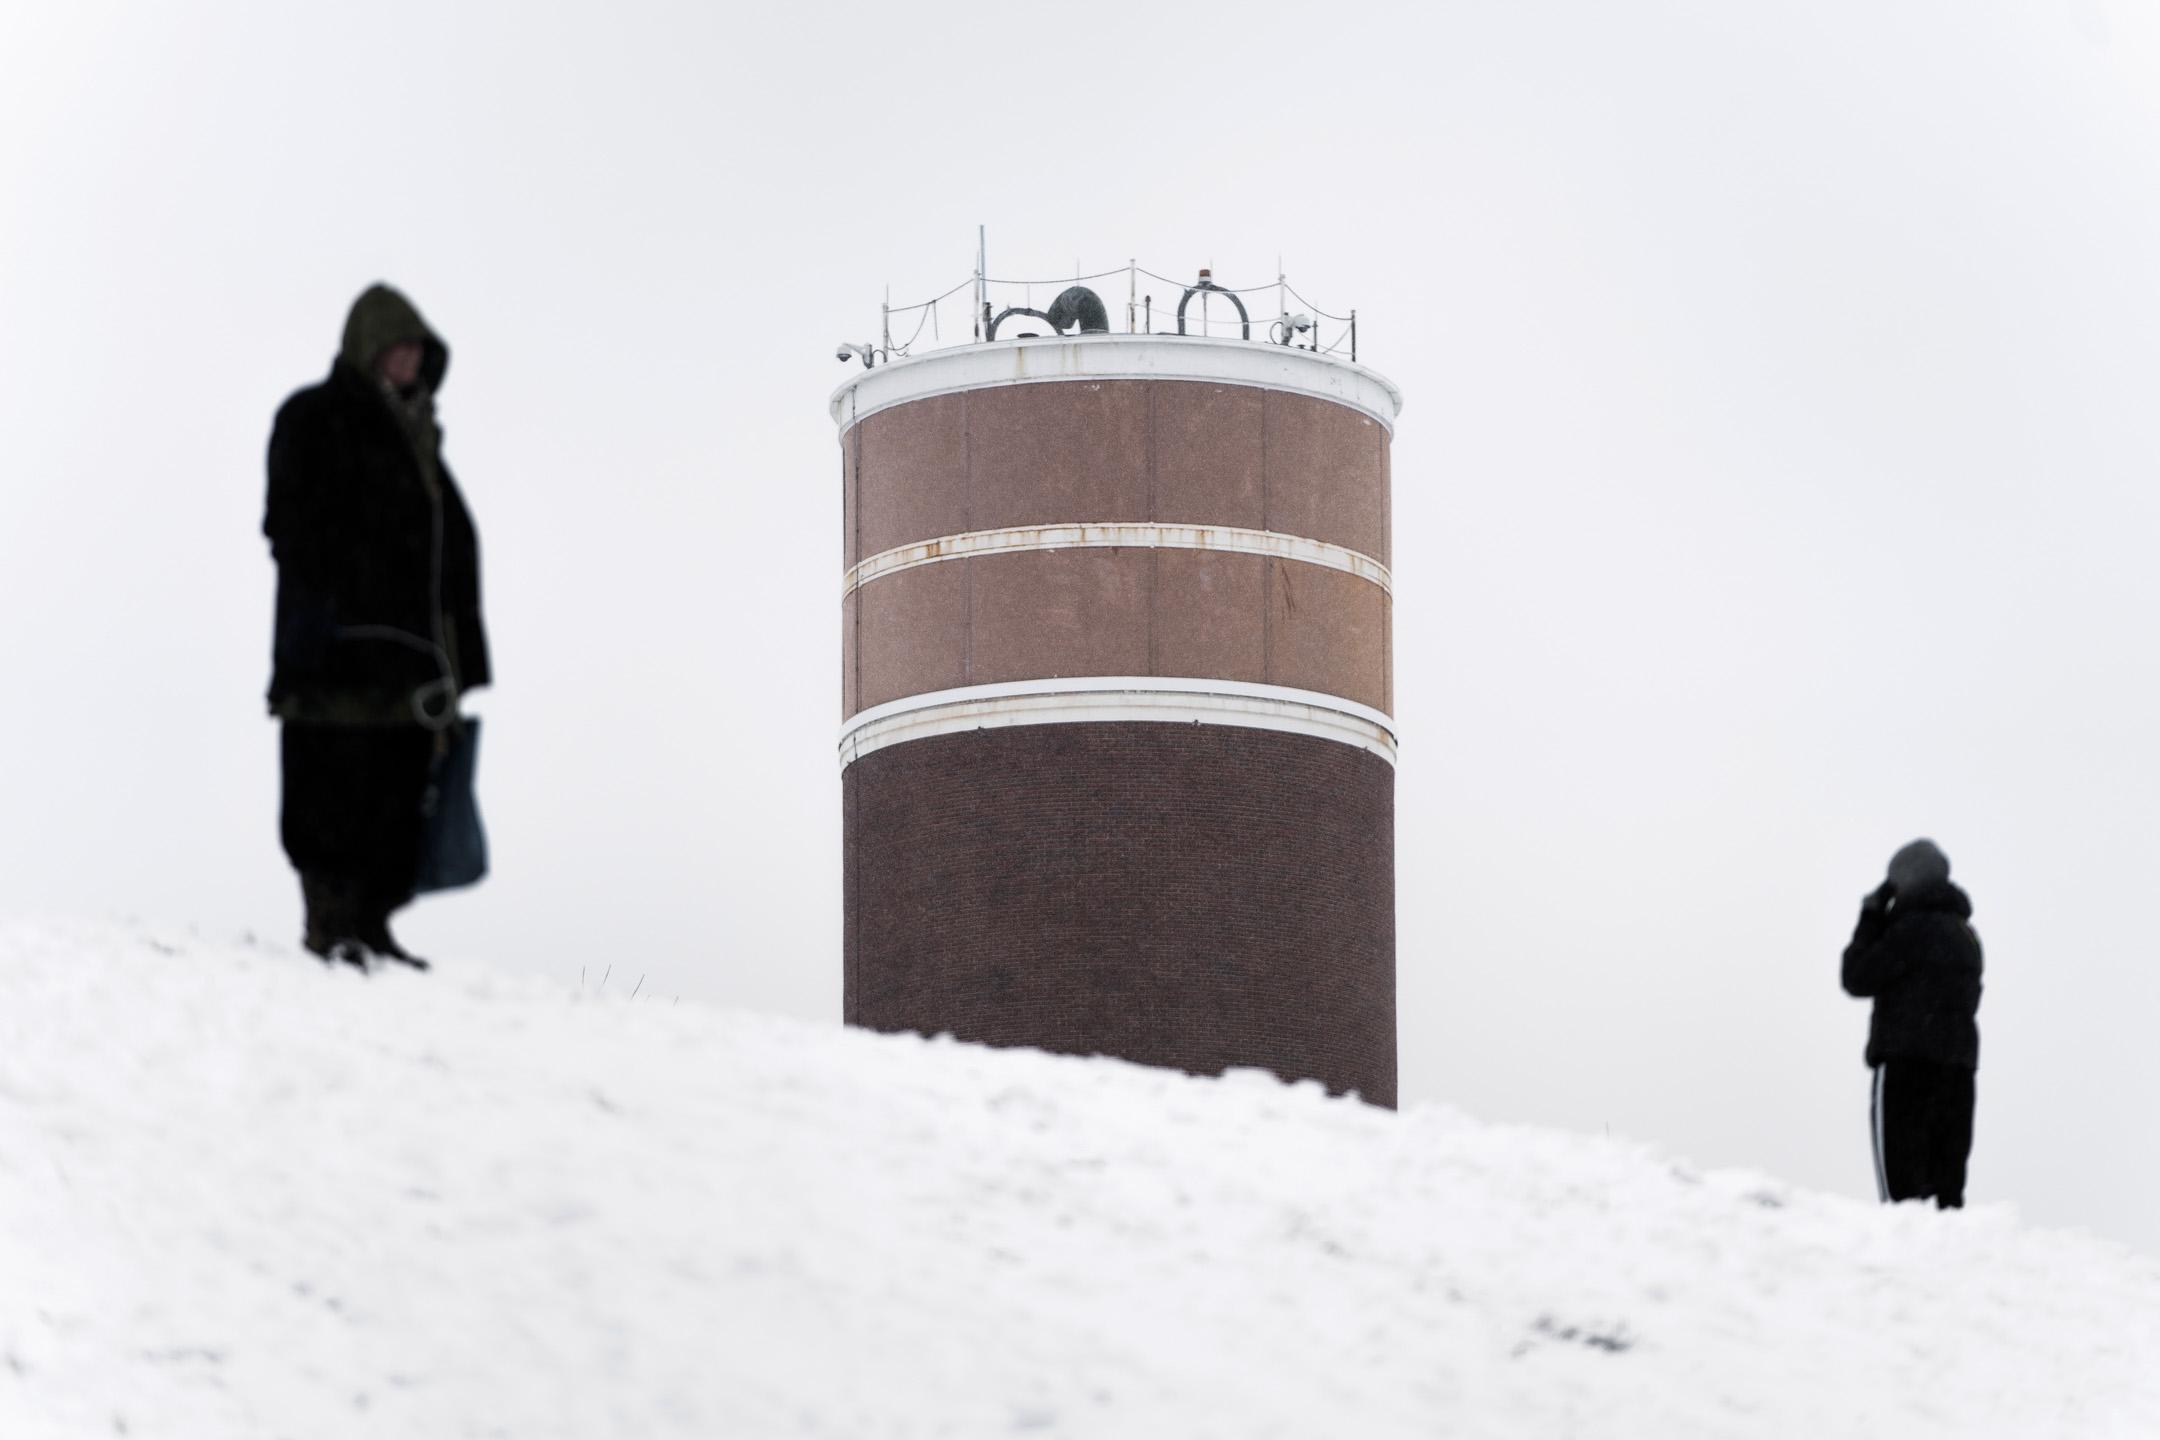 2018年3月21日,美國華盛頓,代號「車輪」(Cartwheel)的堡壘附近安裝的核能通信塔。